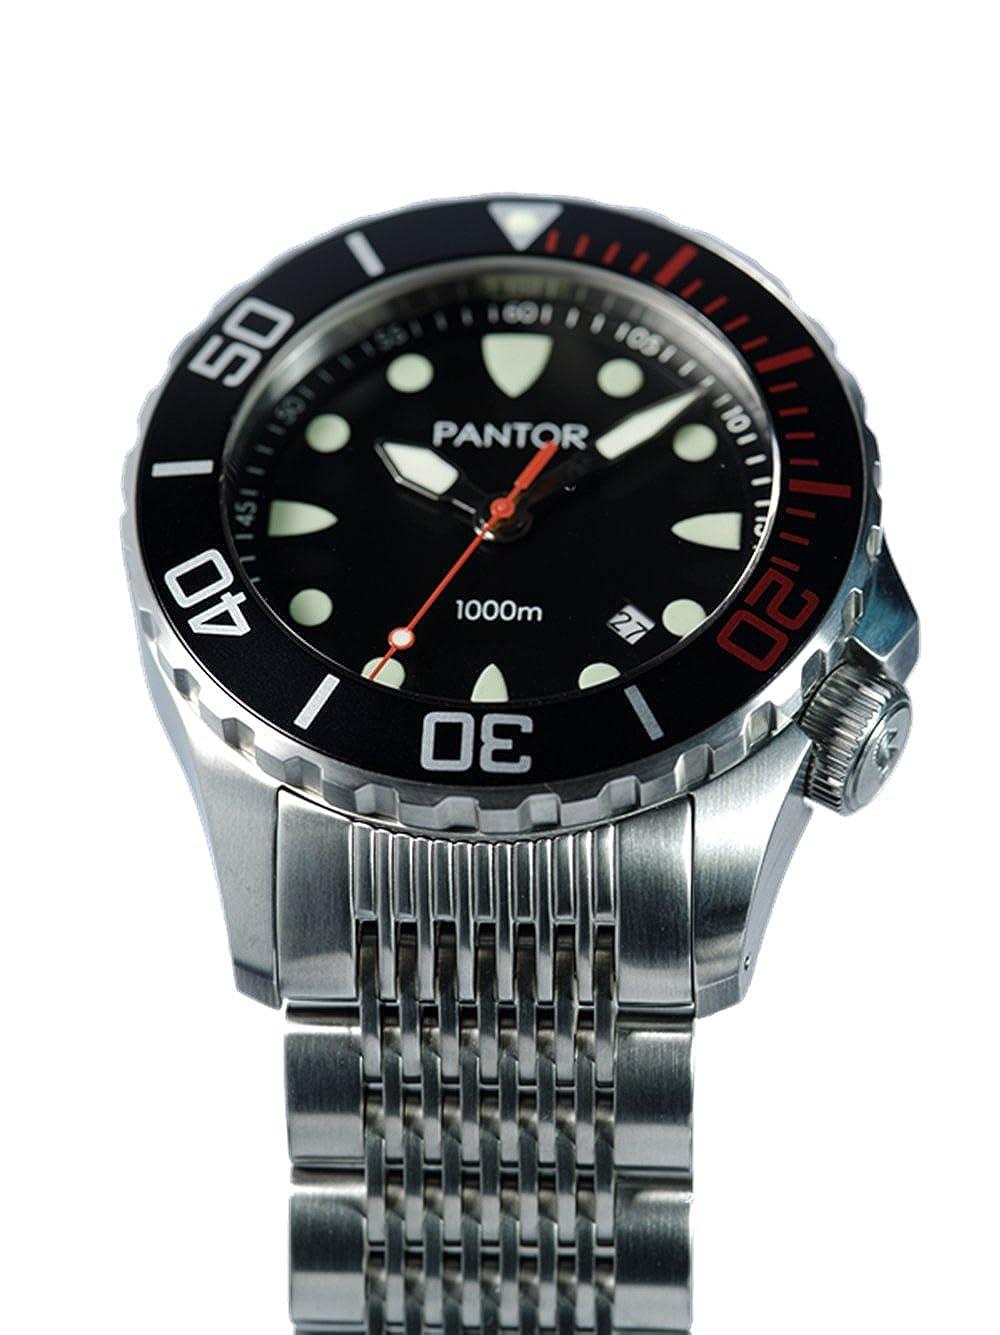 Pantor - Reloj automático para buceo Seahorse con bisel giratorio y válvula de helio, resistencia hasta 1000 metros, tamaño grande, 45 mm: Amazon.es: ...